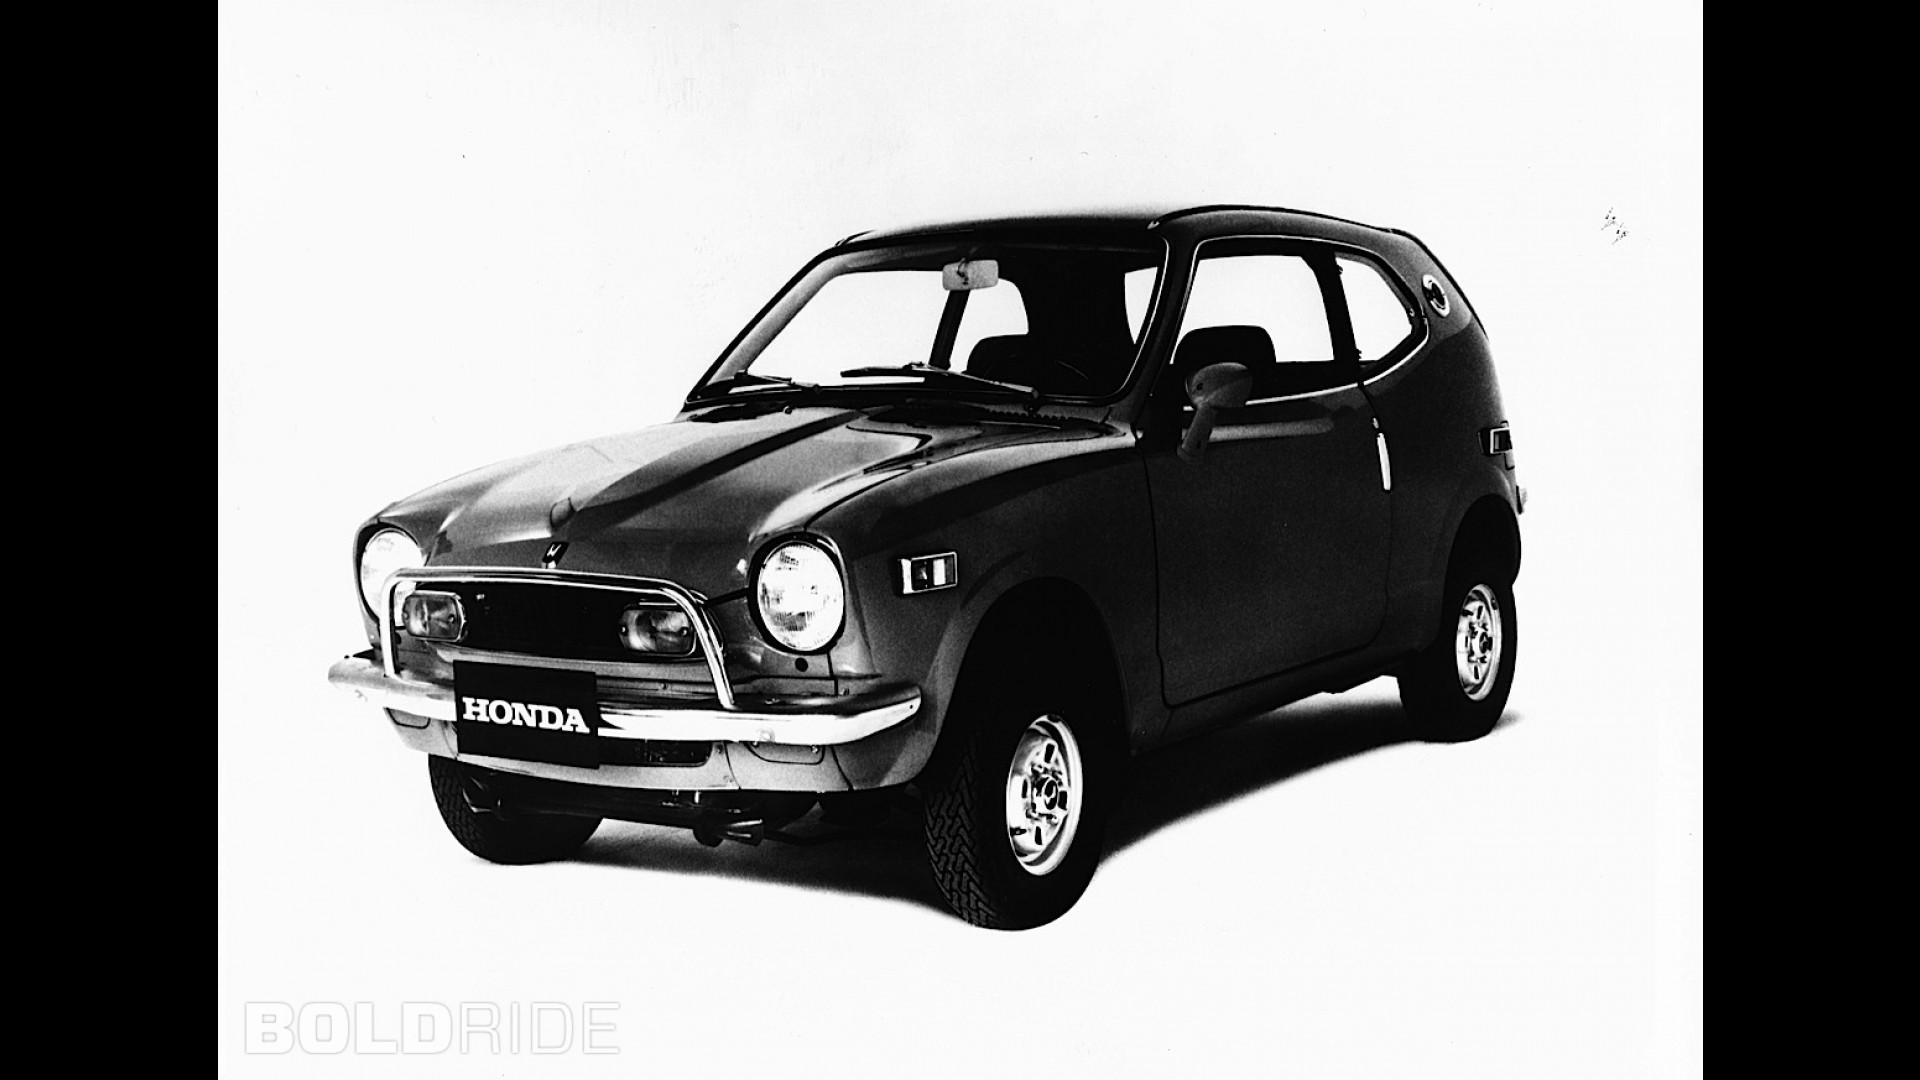 Honda AZ600